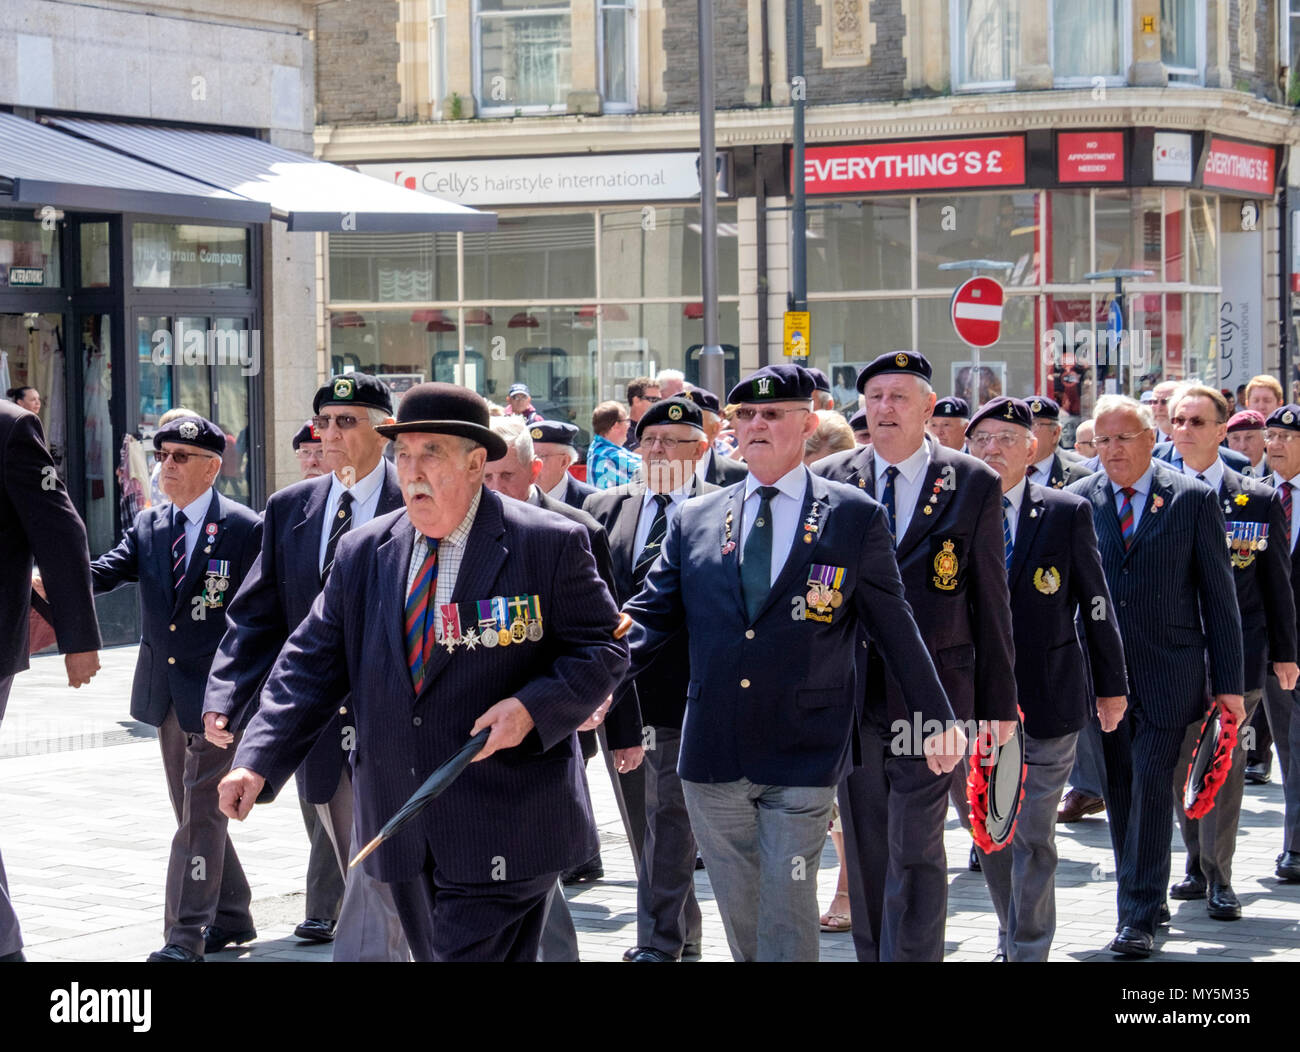 Newport, Gwent, au Pays de Galles, Royaume-Uni. 6 juin, 2018. La parade annuelle organisée par le Royal Welsh association camarades gallois unit des groupes de la Légion britannique et d'anciens membres des forces canadiennes qui souhaitent se souvenir de l'invasion par les forces alliées de l'Europe occupée, le 6 juin 1944. Sur ce 74e anniversaire, les chaussures ont été brillait et médailles poli avant ils ont paradé fièrement et ont descendu le haut st au D-Day Memorial. Après le court, la foule a applaudi. © Crédit: Mr Standfast/Alamy Live News Photo Stock